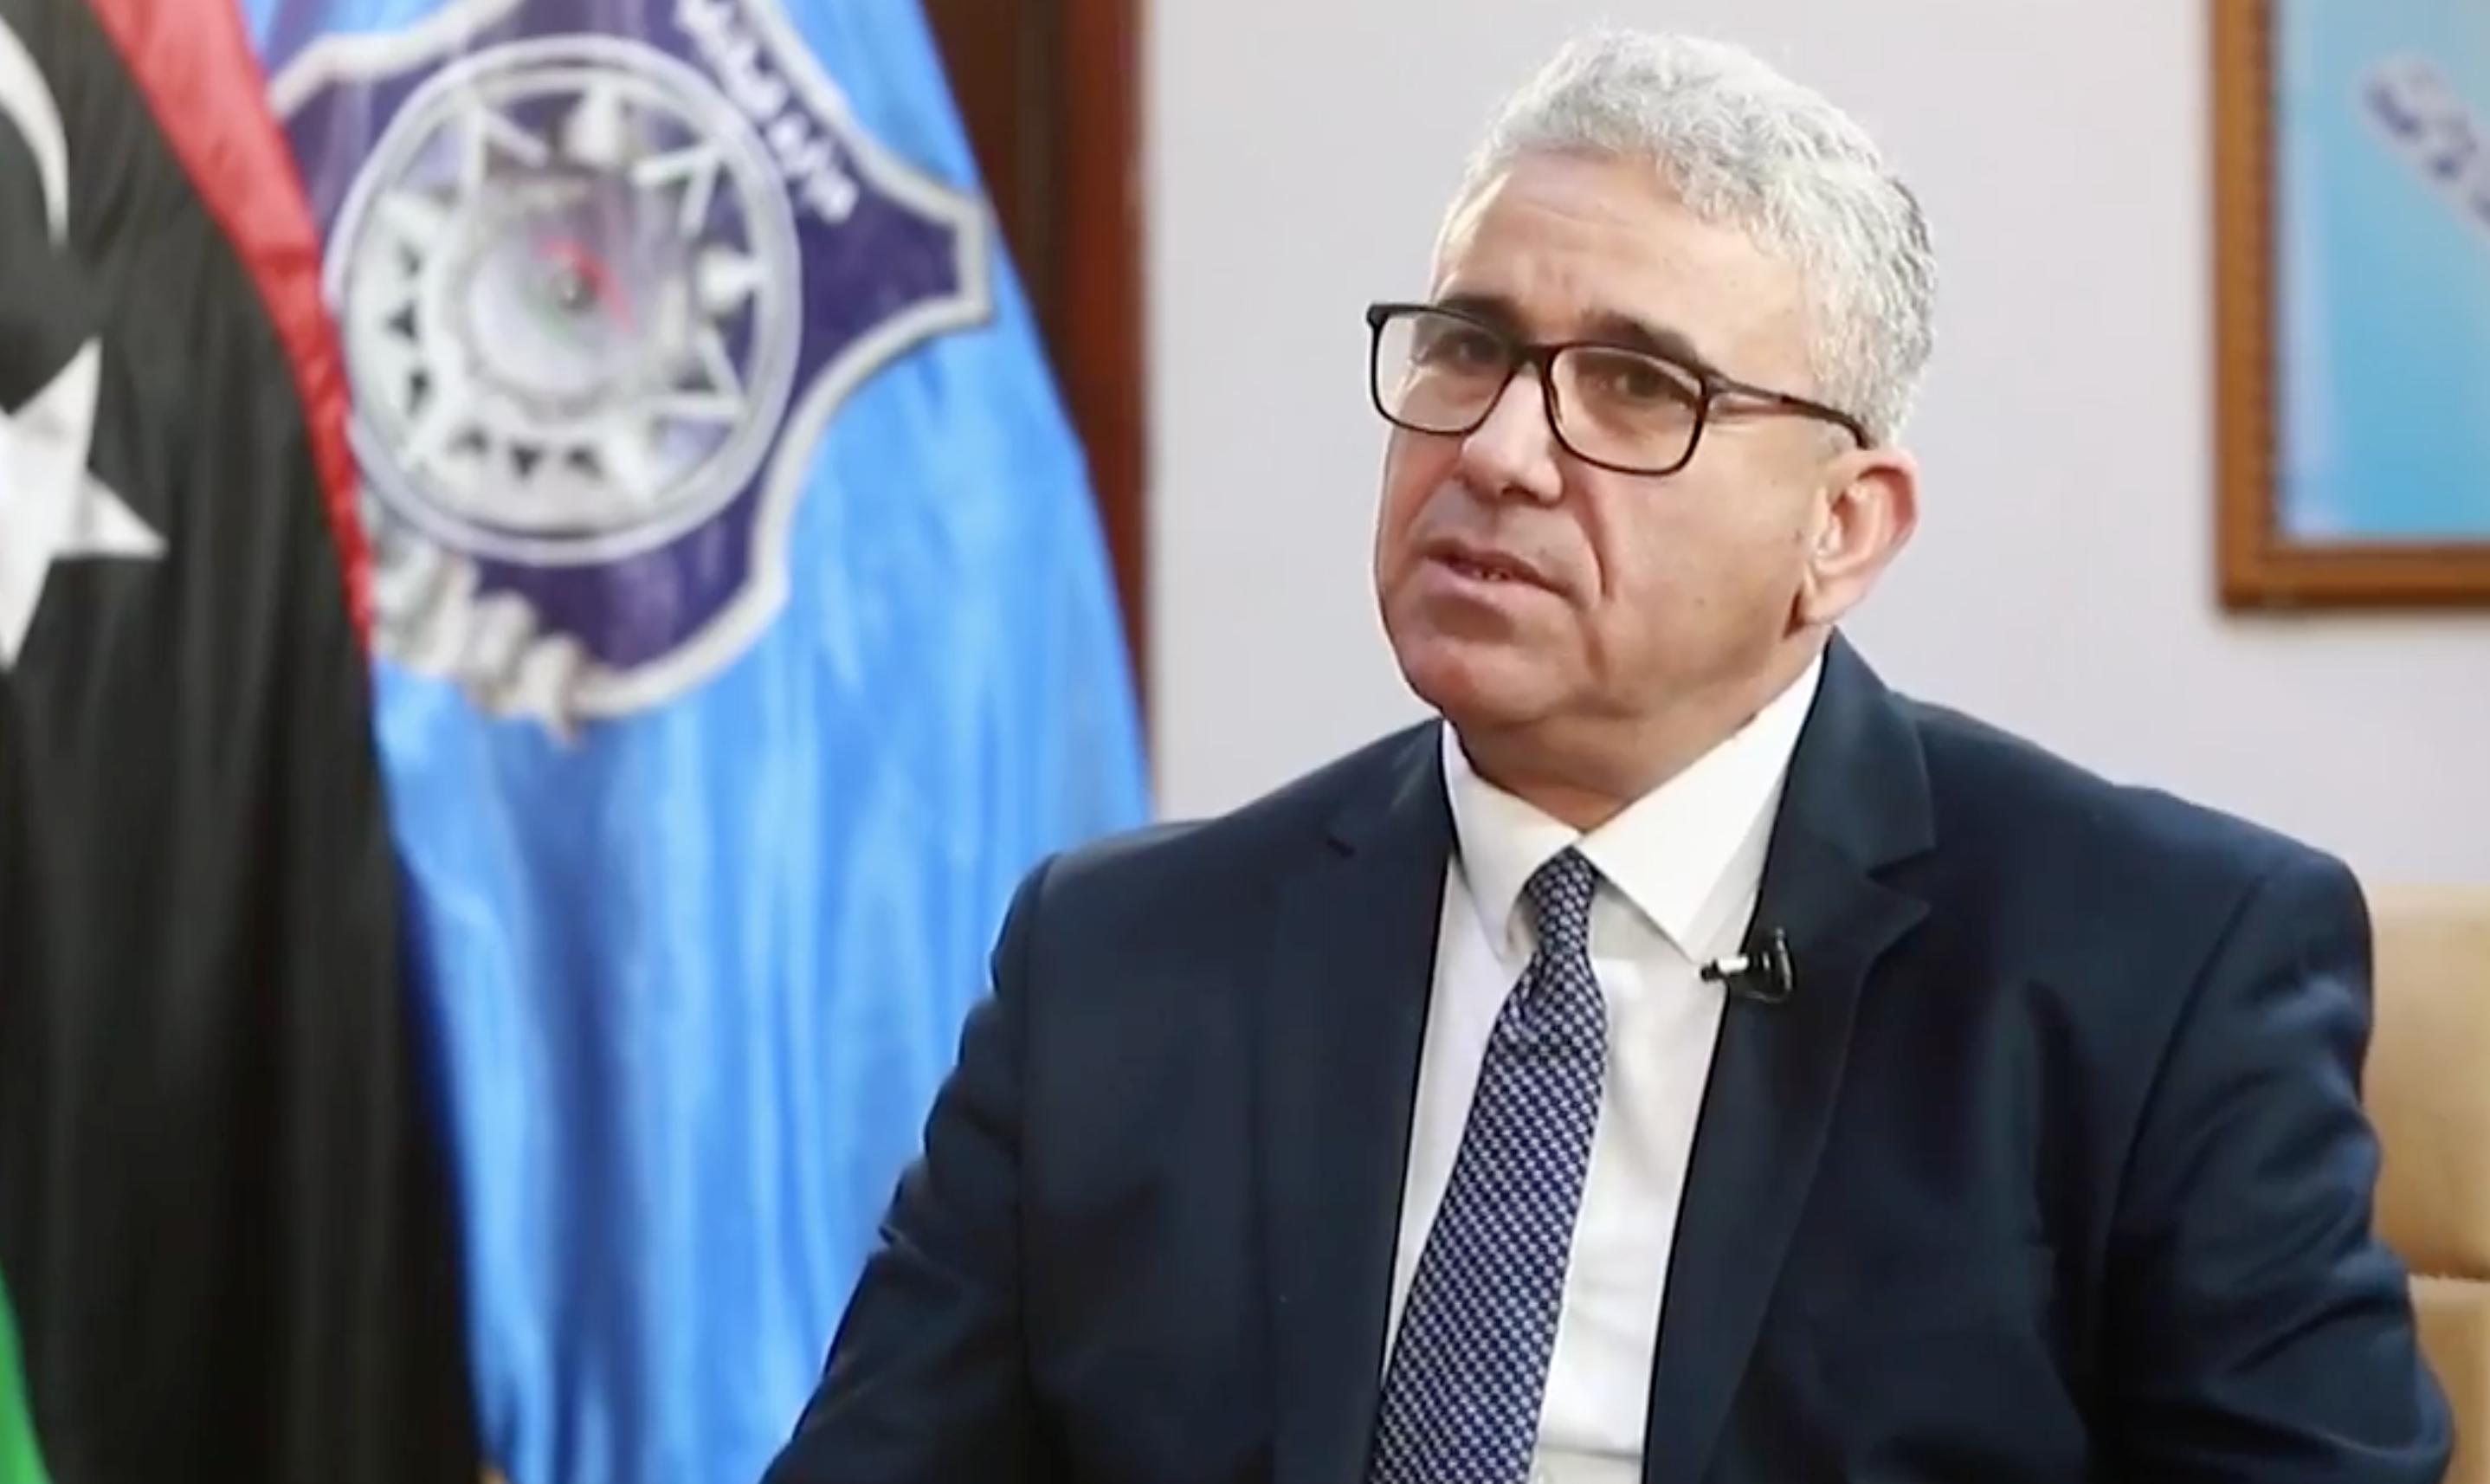 وزير الداخلية المفوض في وزارة الداخلية بحكومة الوفاق فتحي باشاغا